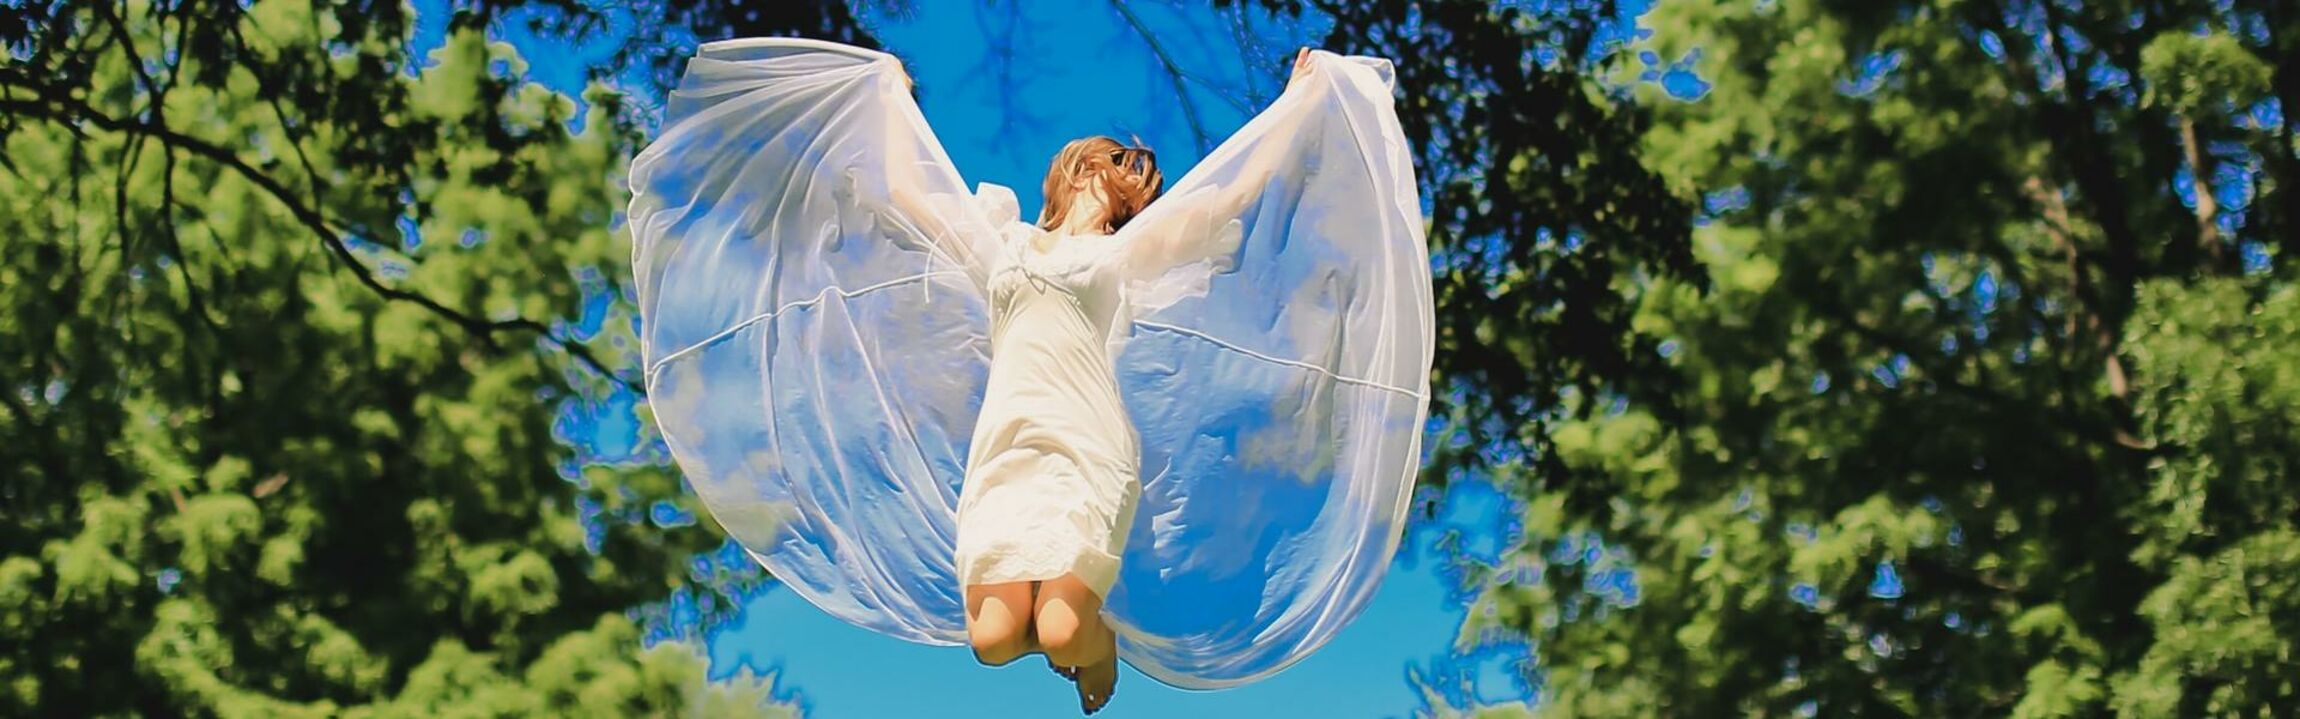 Engel sein to go